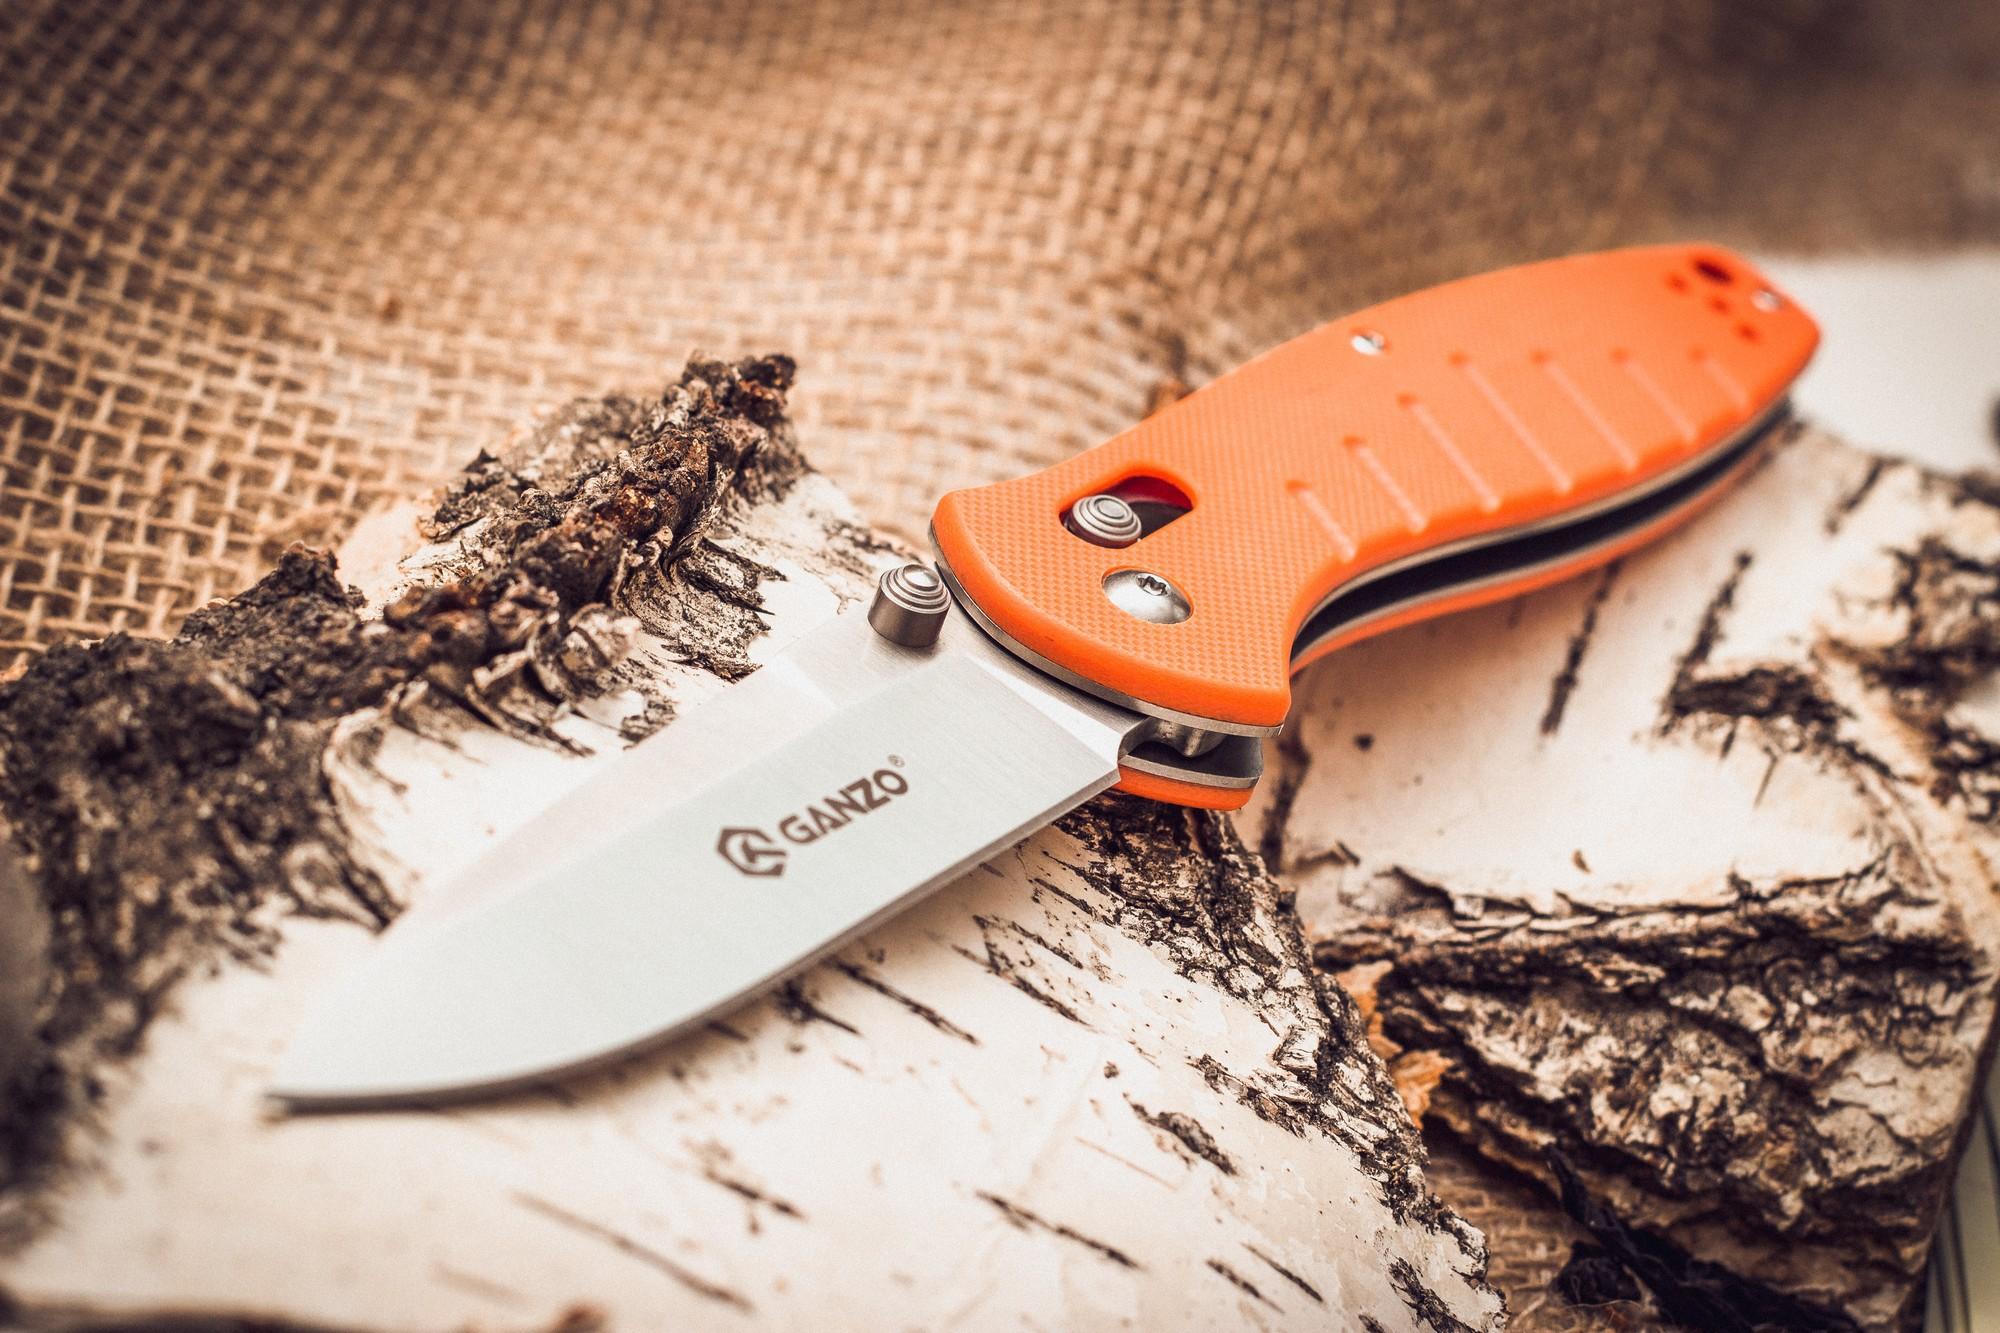 Фото 2 - Складной нож Ganzo G738, оранжевый